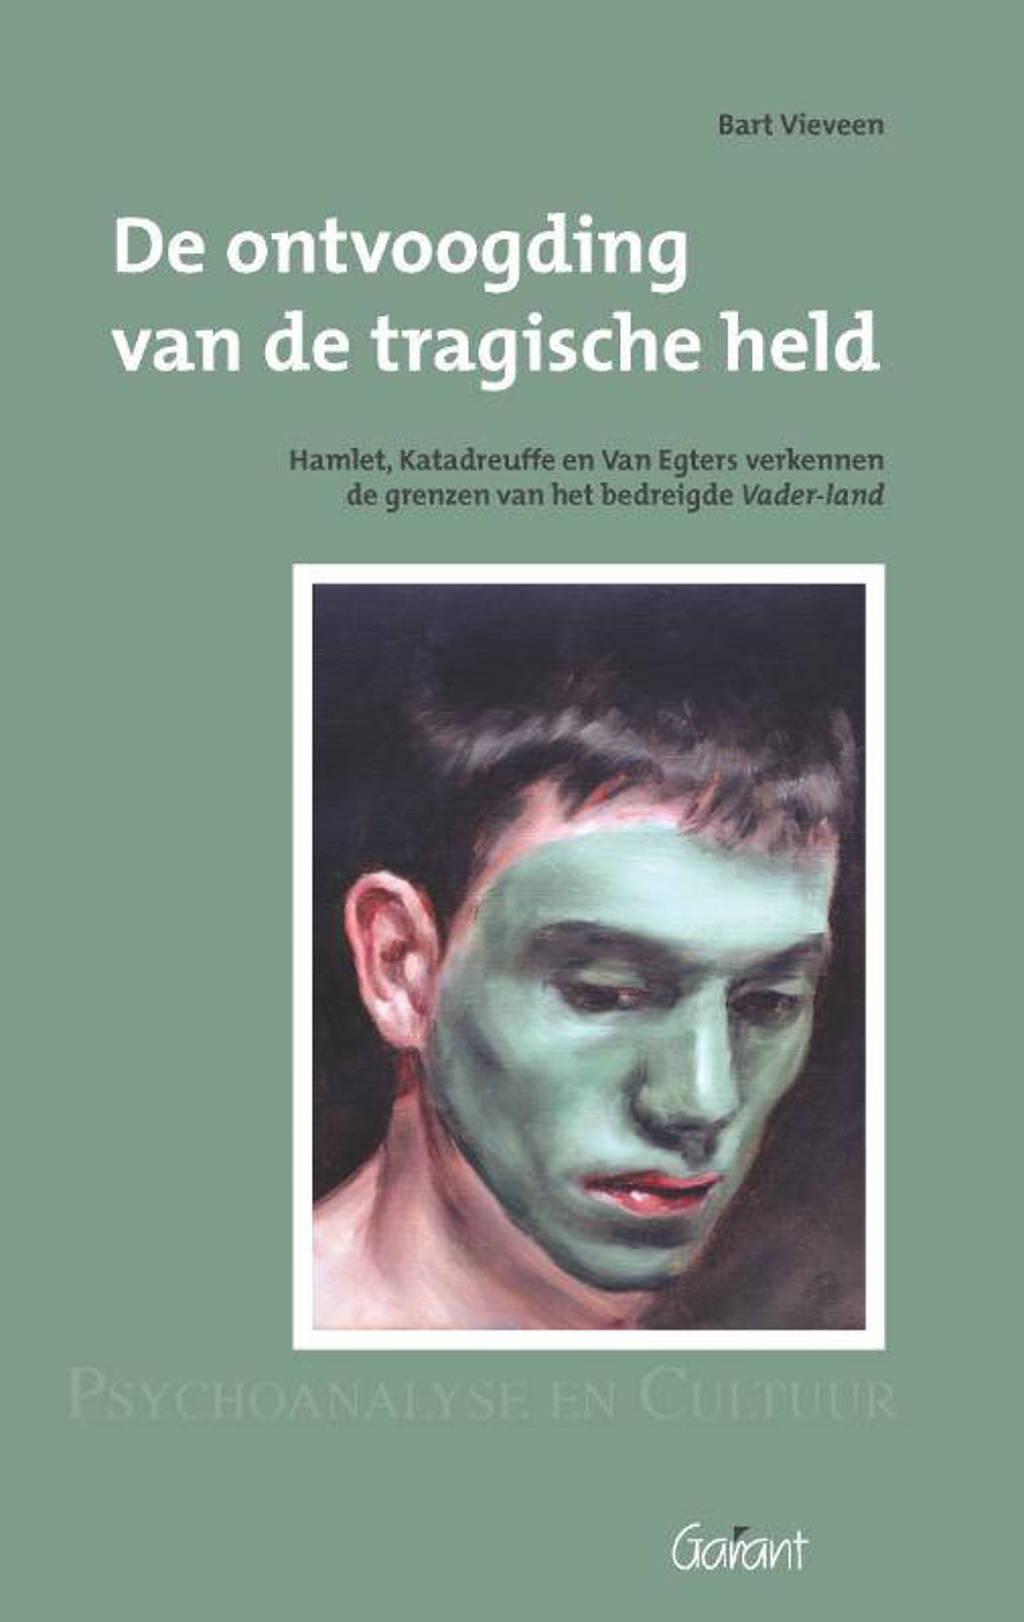 Psychoanalyse en cultuur: De ontvoogding van de tragische held. Hamlet, Katadreuffe, en Van Egers verkennen de grenzen van het bedreigde Vader-land. Reeks: Psychoanalyse en Cultuur, nr. 12 - Bart Vieveen